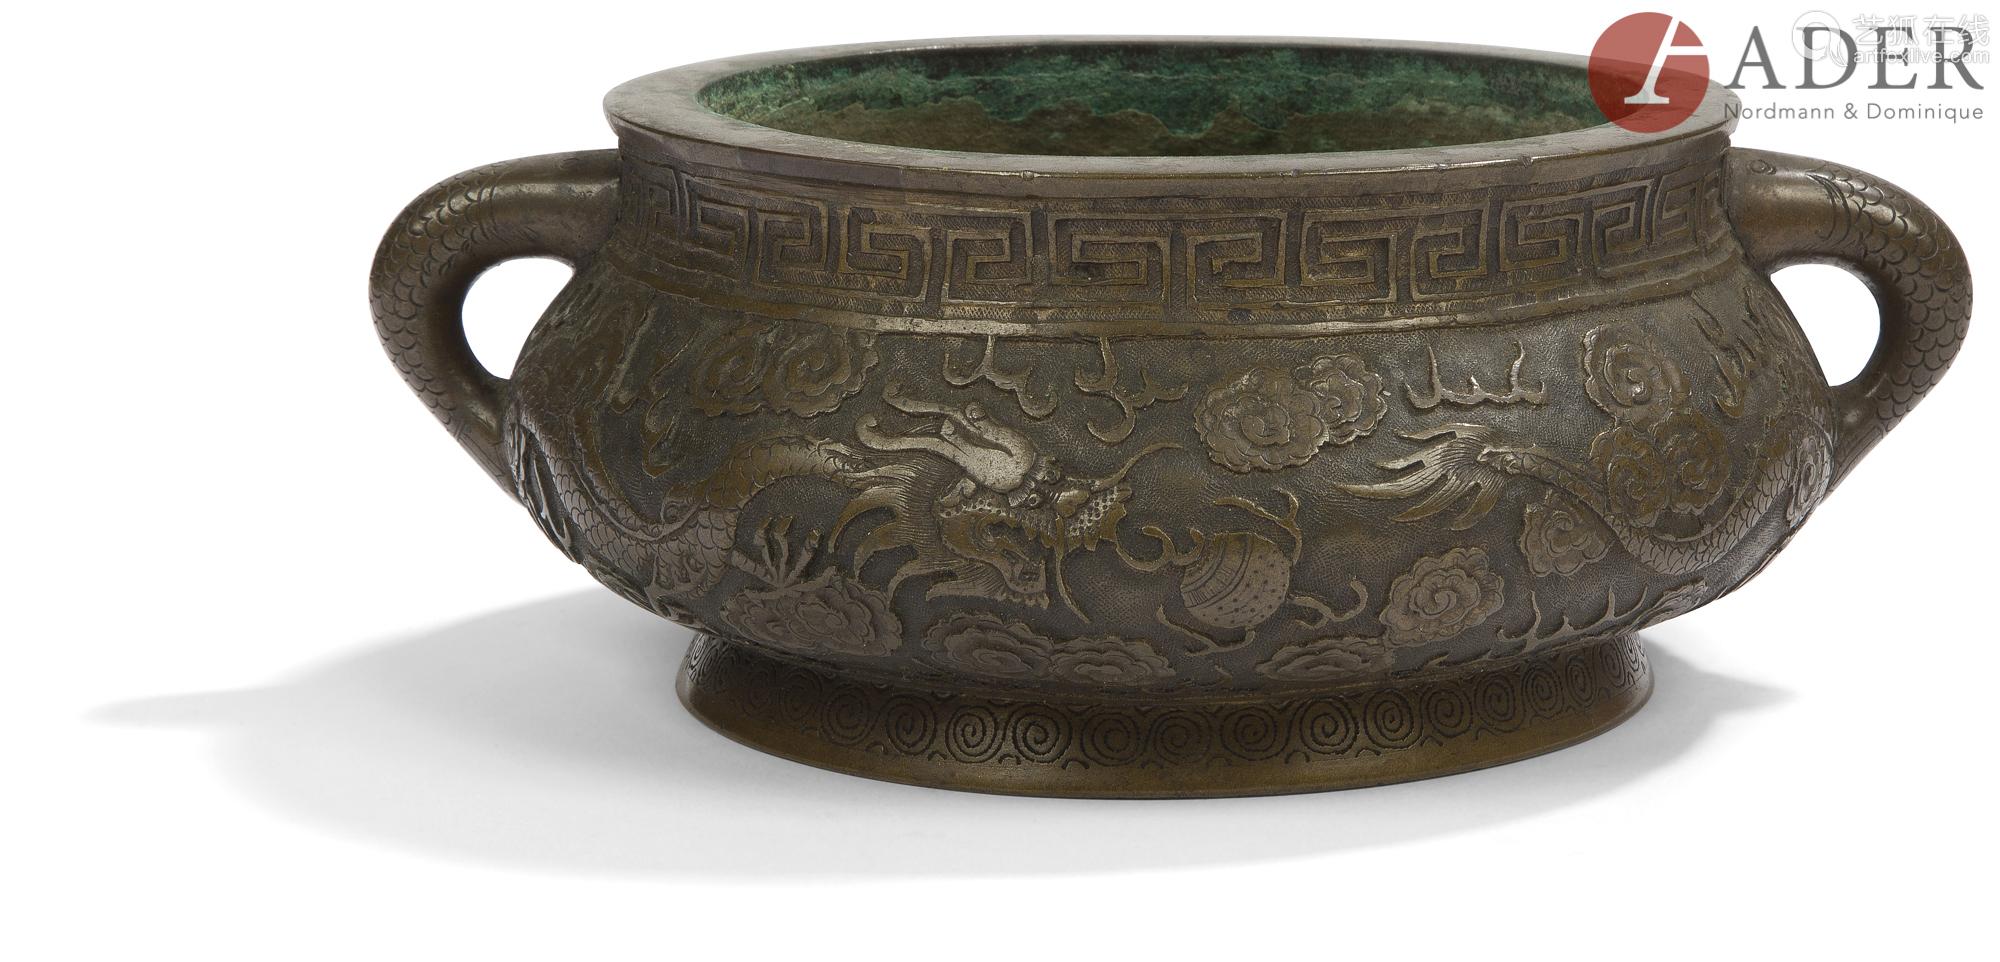 CHINE - XIXe siècle Brûle-parfum en bronze à décor en relief de dragon dans les nuages à la